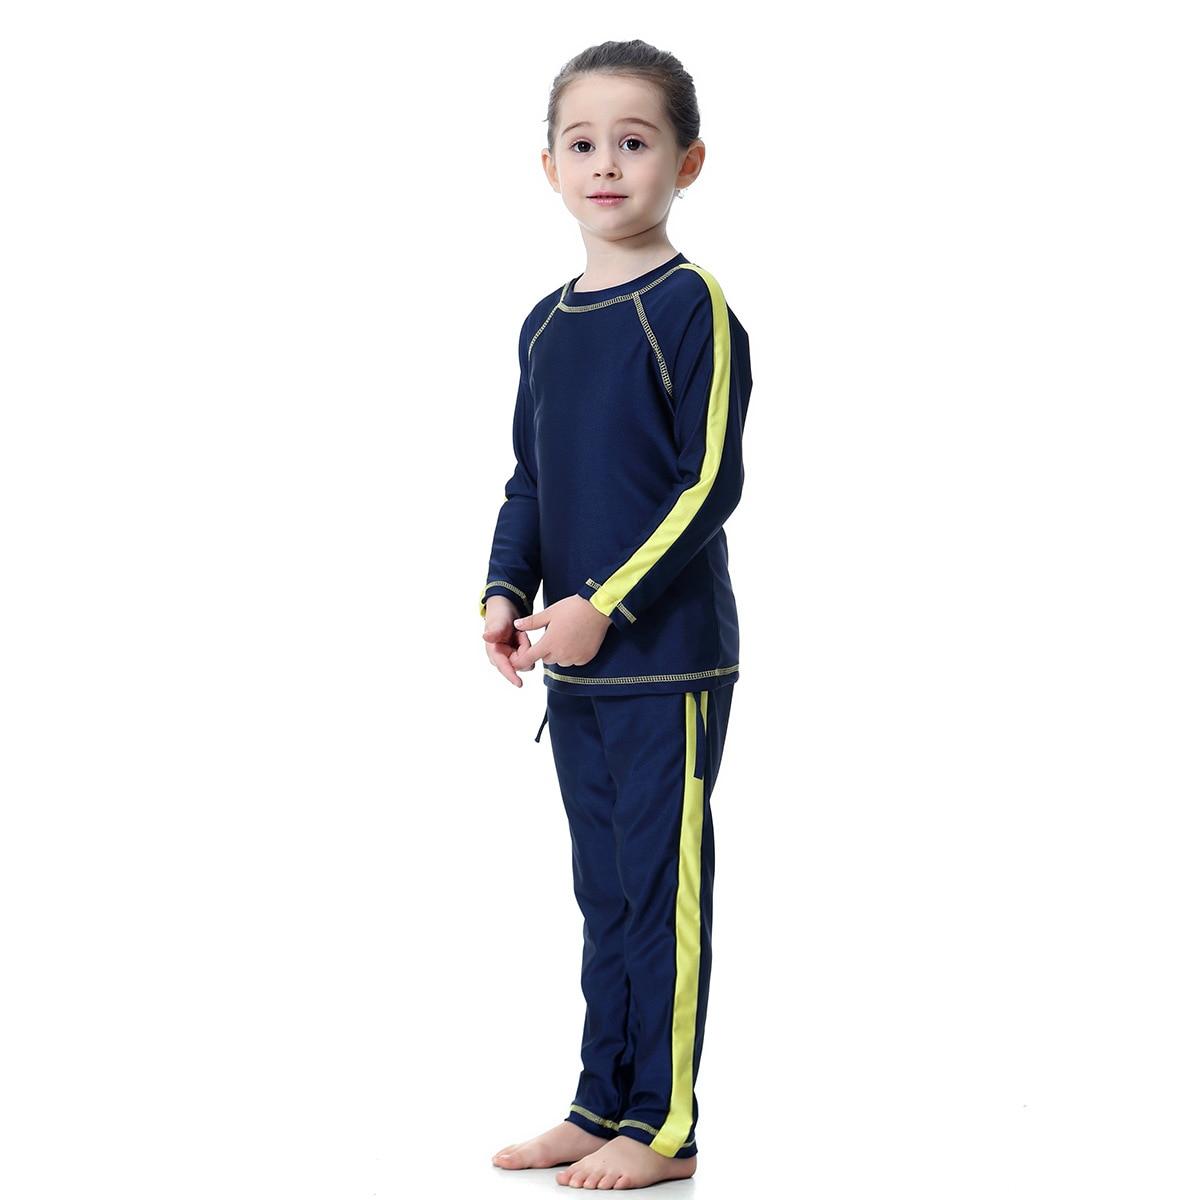 Image 3 - Мусульманский купальник для девочек; два предмета; Детские  купальники с длинными рукавами; консервативный купальник; детская  спортивная одежда в арабском стилеМусульманский купальник   -